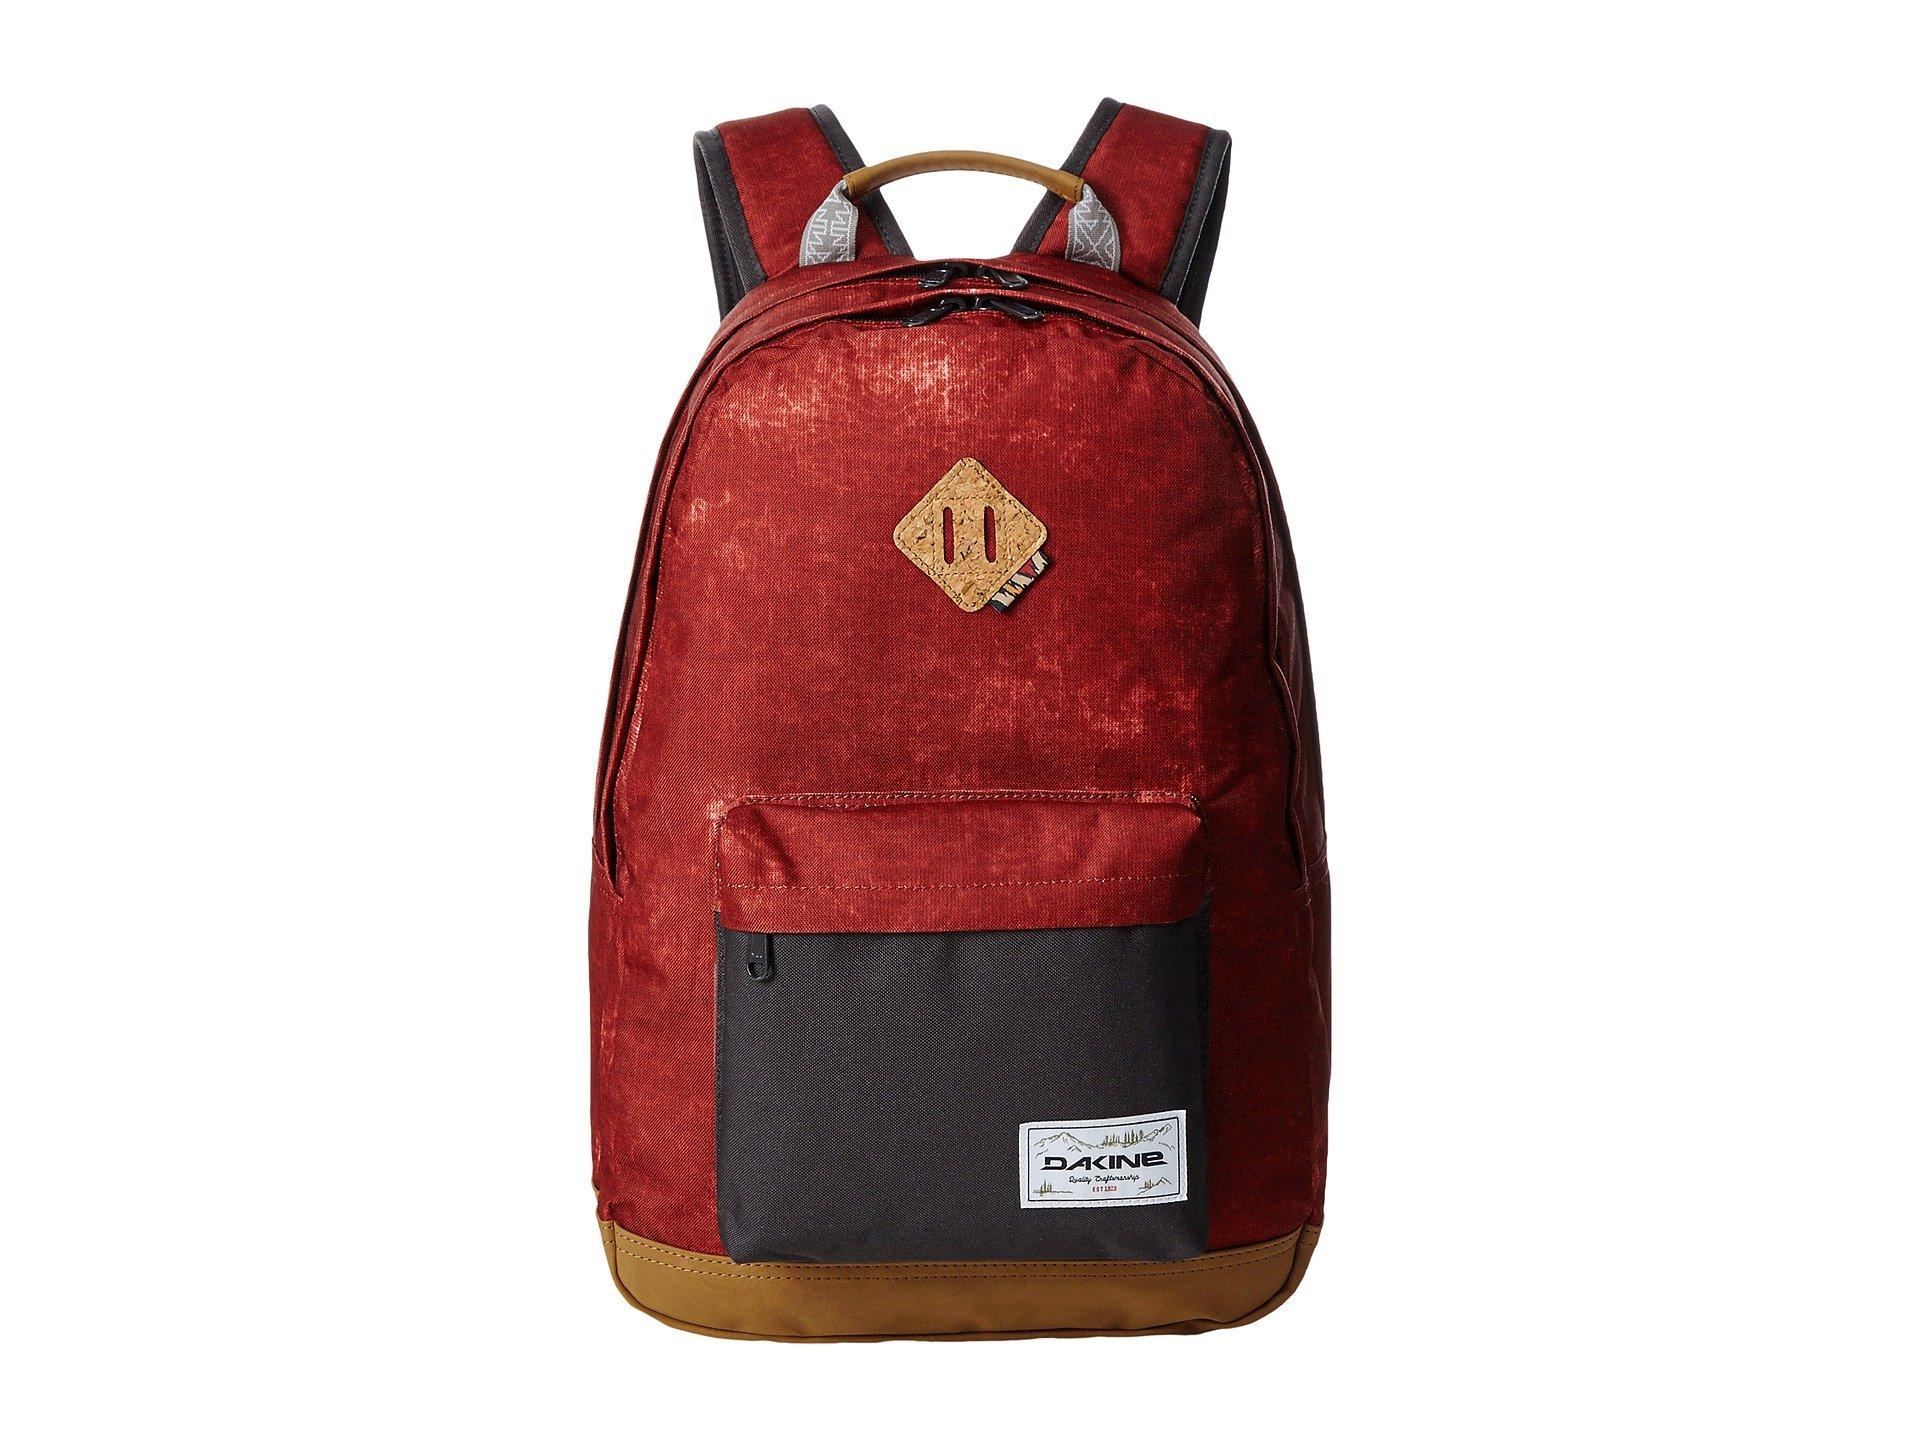 Morral para Hombre Dakine Detail Backpack 27L  + Dakine en VeoyCompro.net